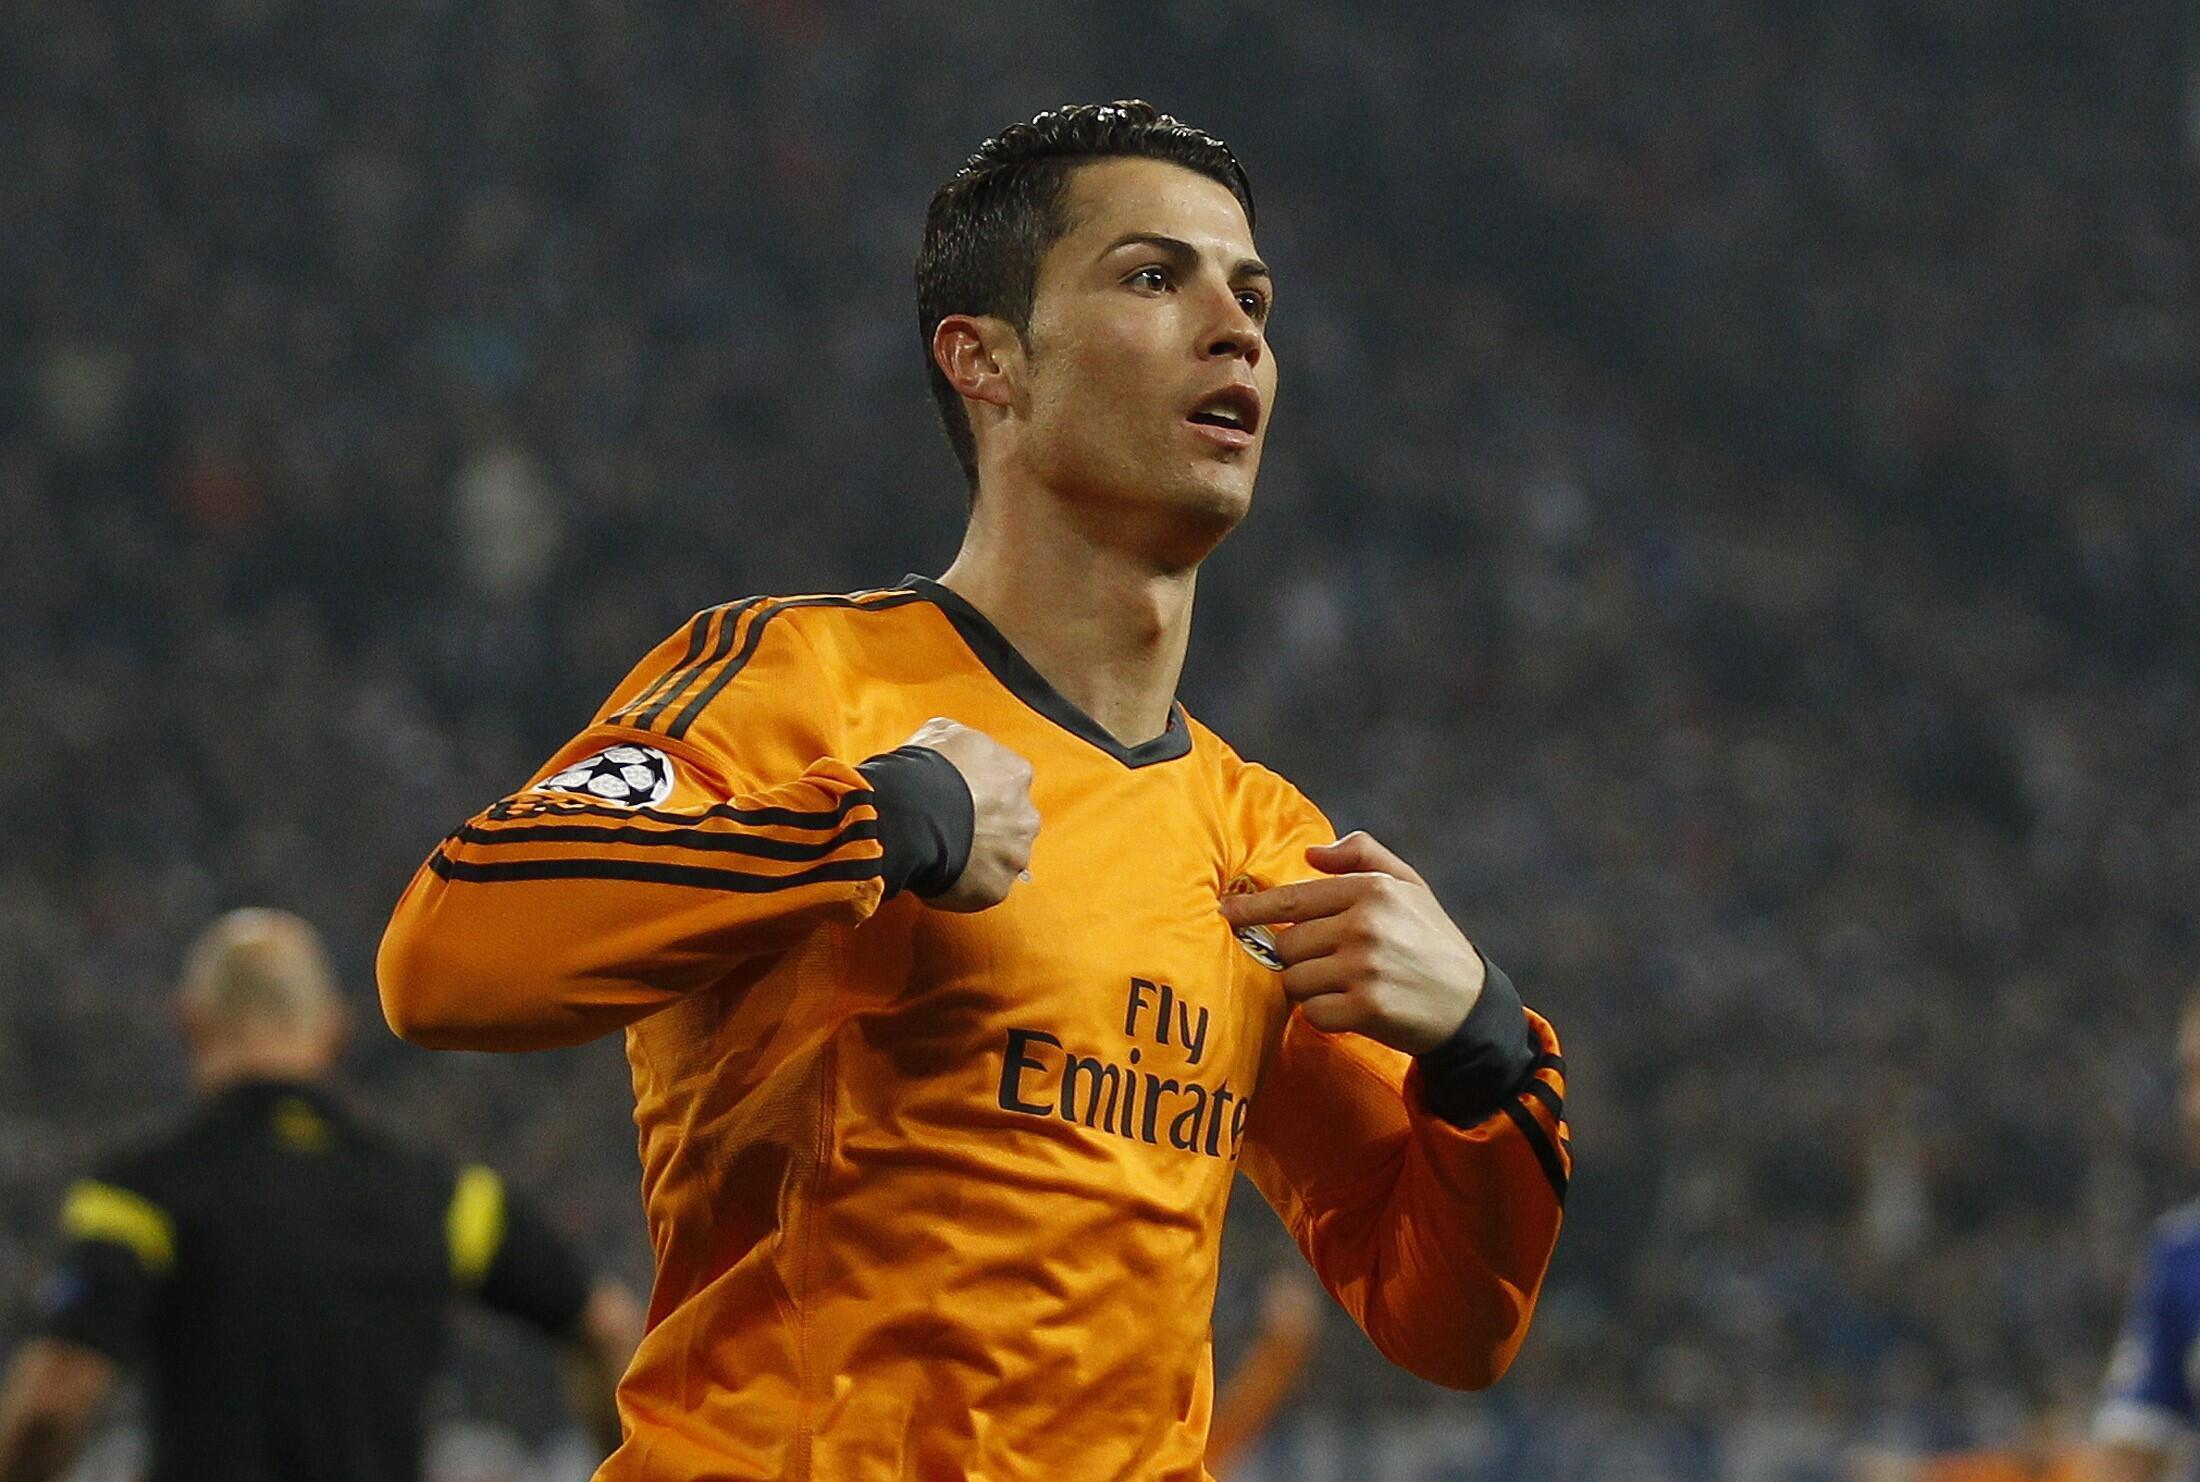 Autor de dois golos na goleada por 6-1 ao Schalke 04, Cristiano Ronaldo mostrou-se satisfeito pelo desempenho.